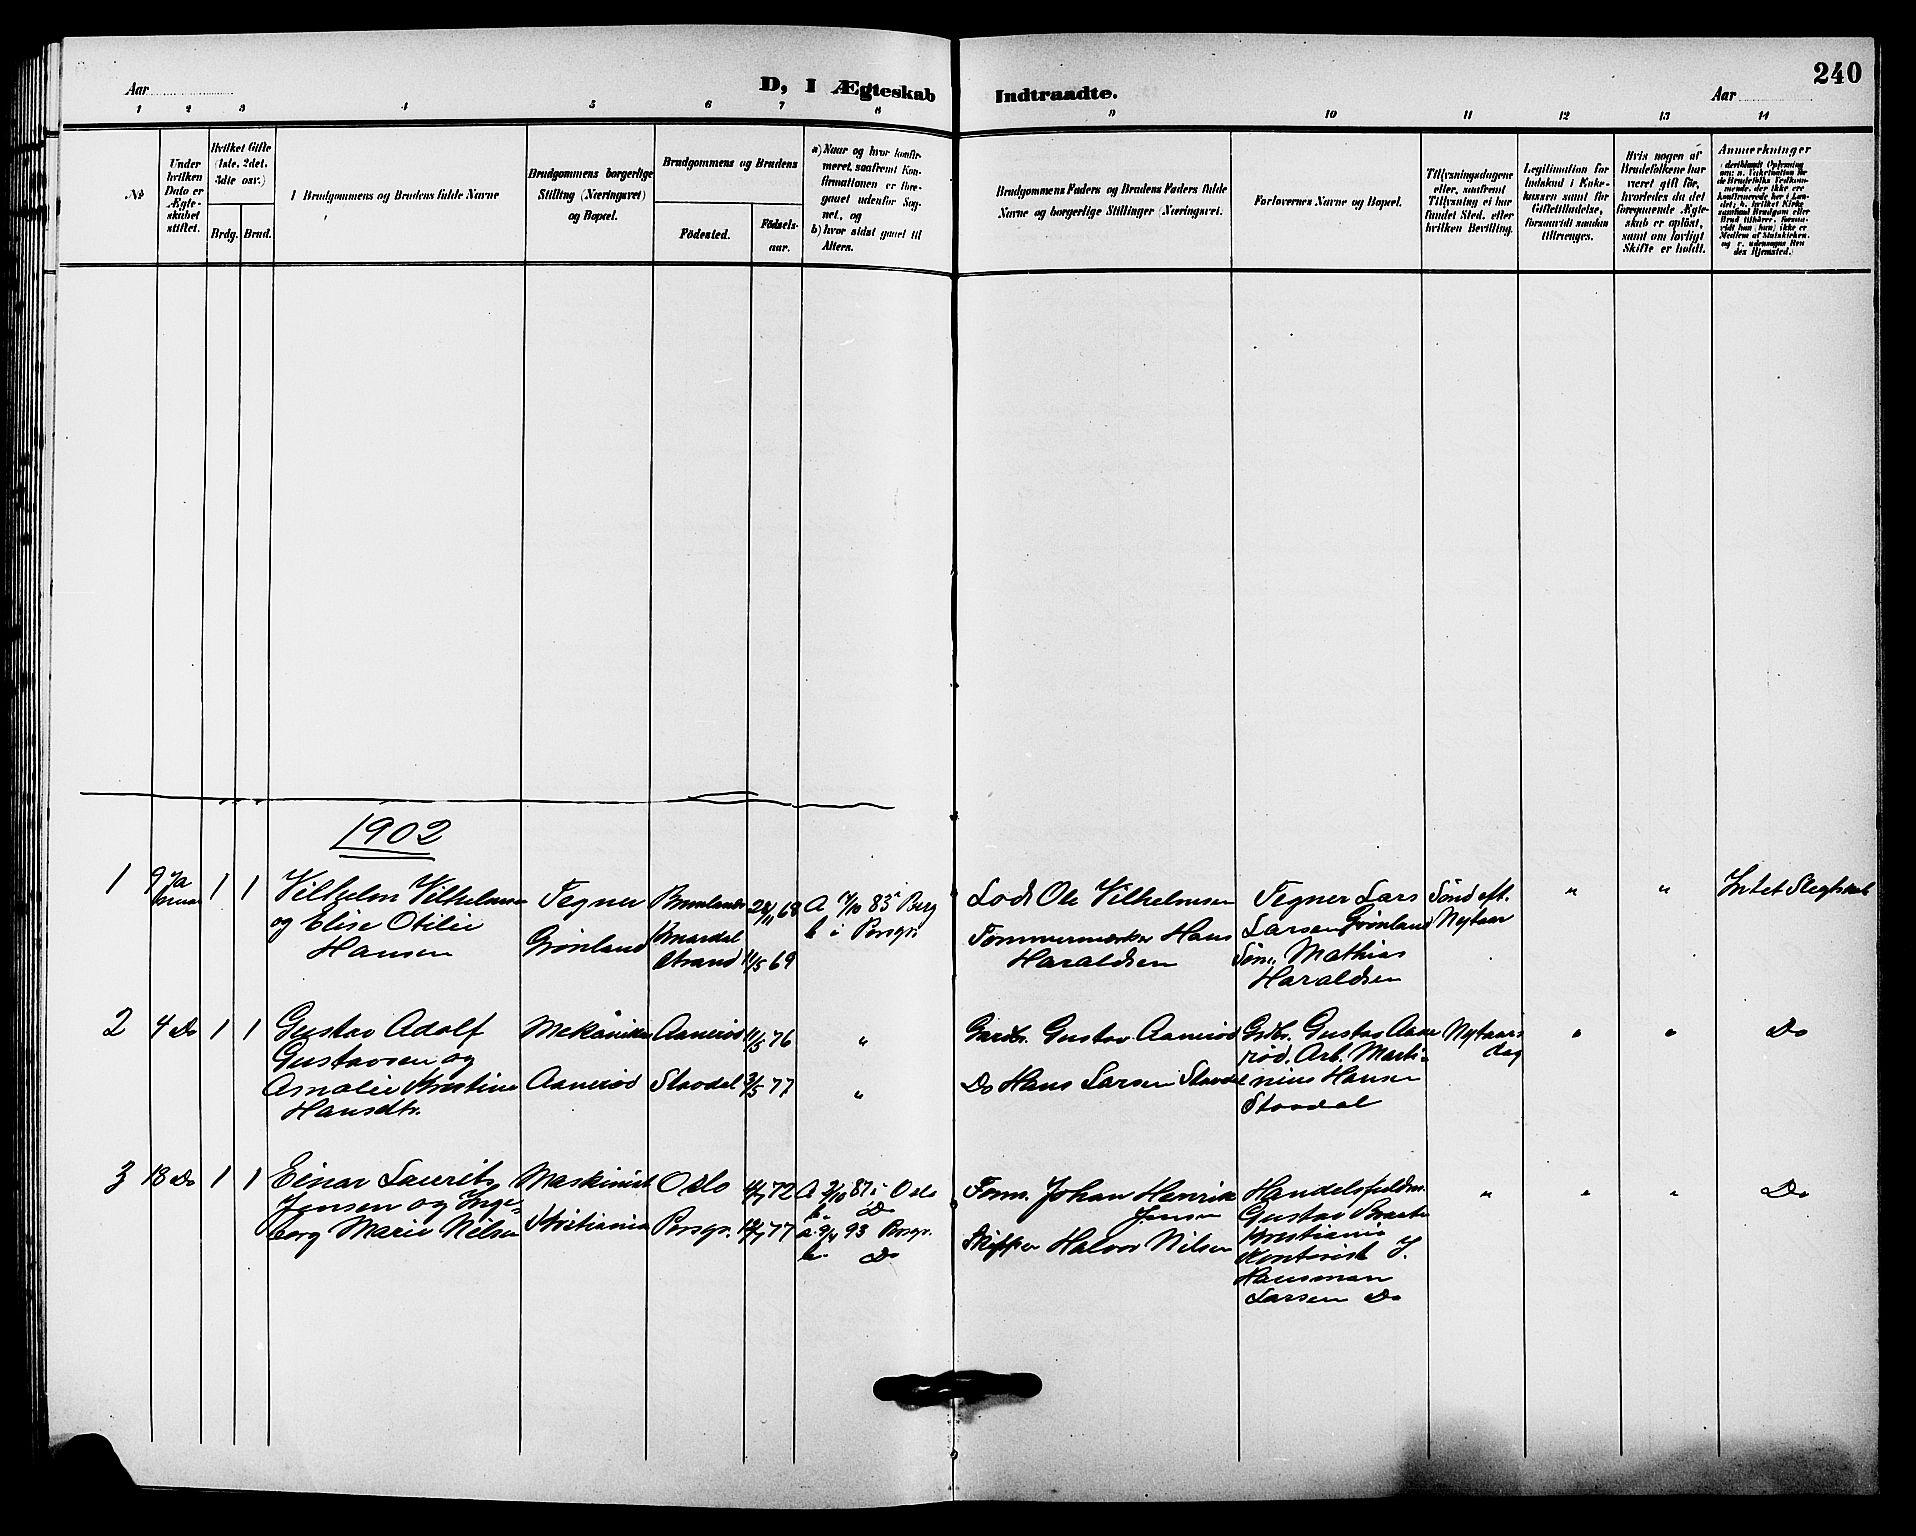 SAKO, Solum kirkebøker, G/Ga/L0008: Klokkerbok nr. I 8, 1898-1909, s. 240